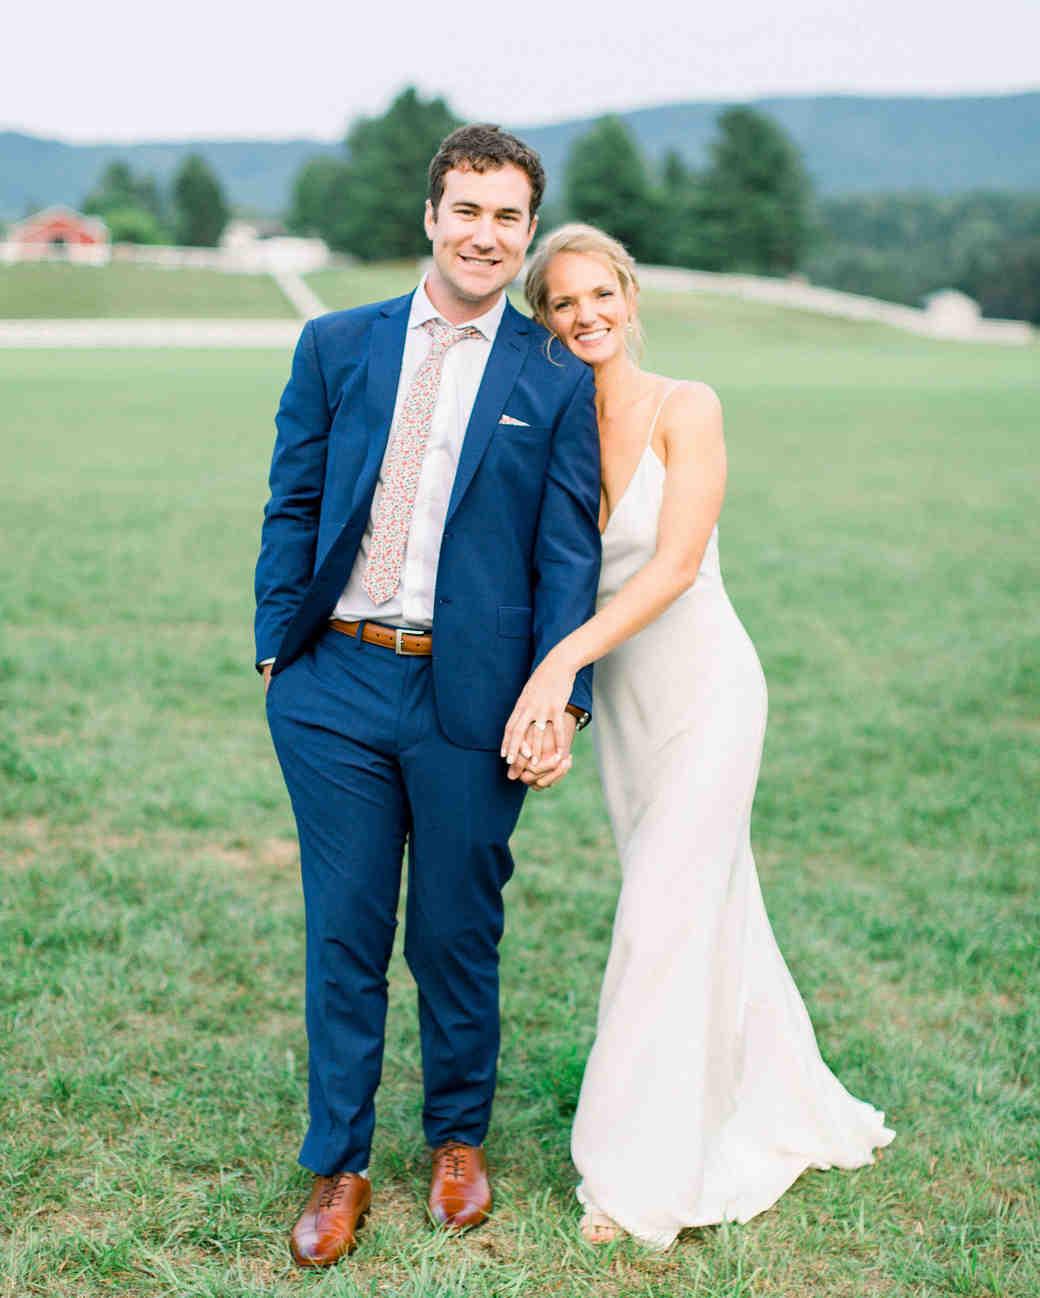 lauren josh wedding couple holding hands